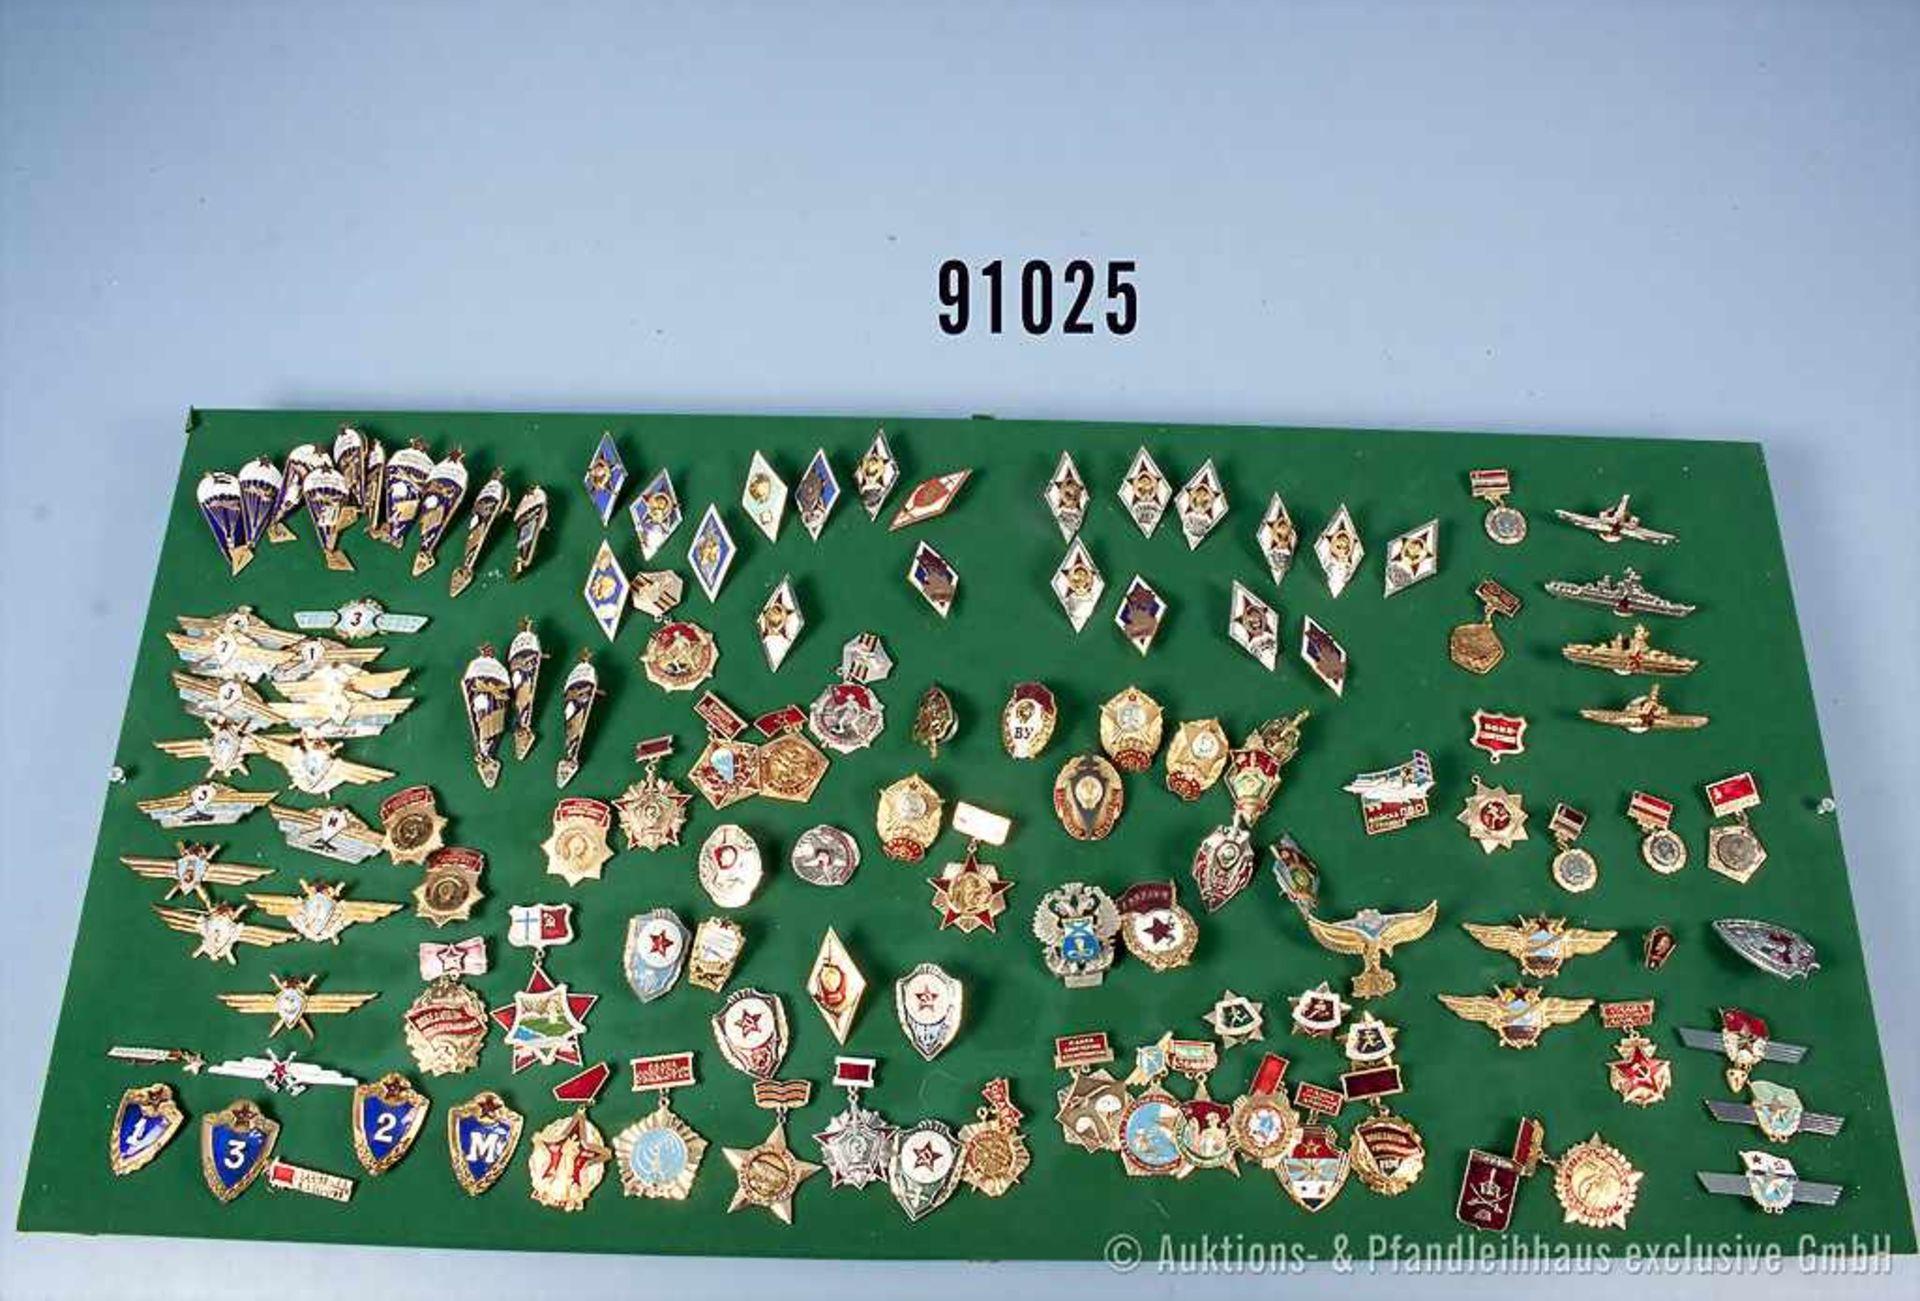 Konv. UdSSR, ca. 225 Solventenabzeichen militärischer Lehranstalten, Fallschirmspringer-Abzeichen, - Bild 2 aus 2